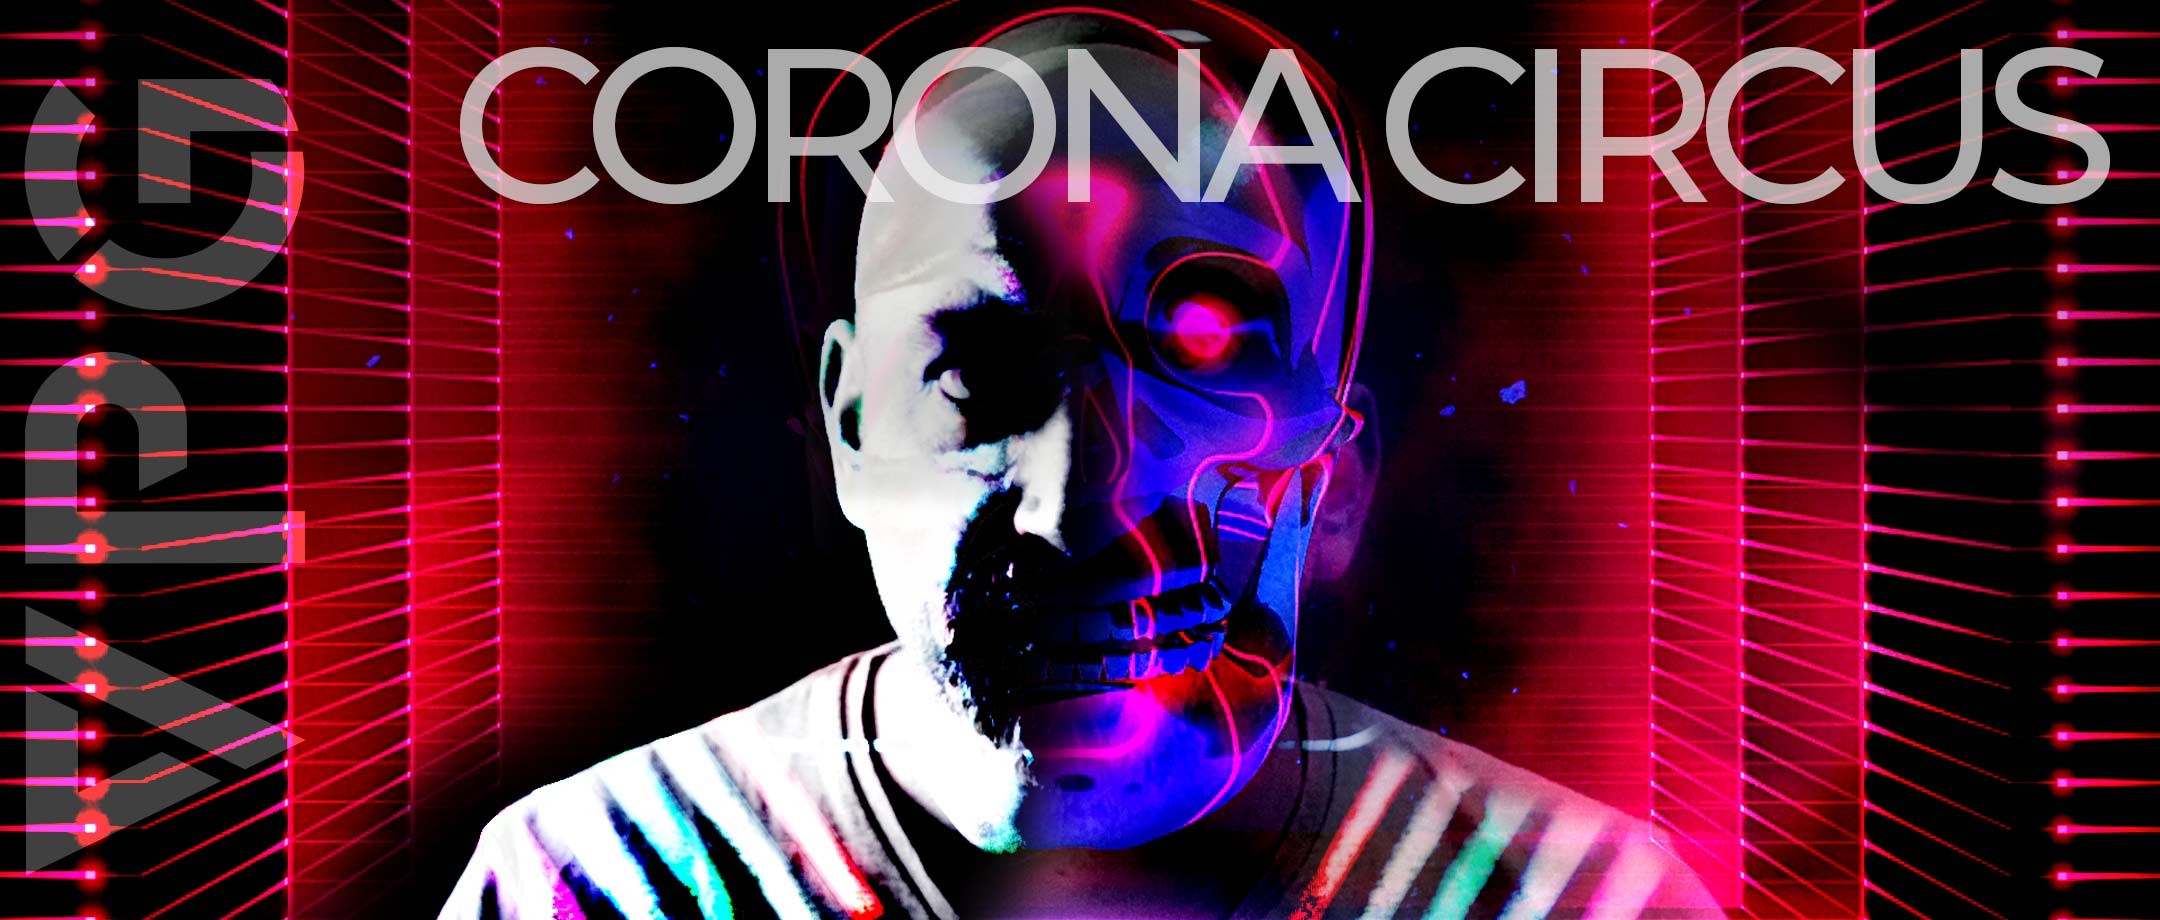 Le Cirque / Corona Circus / VPG